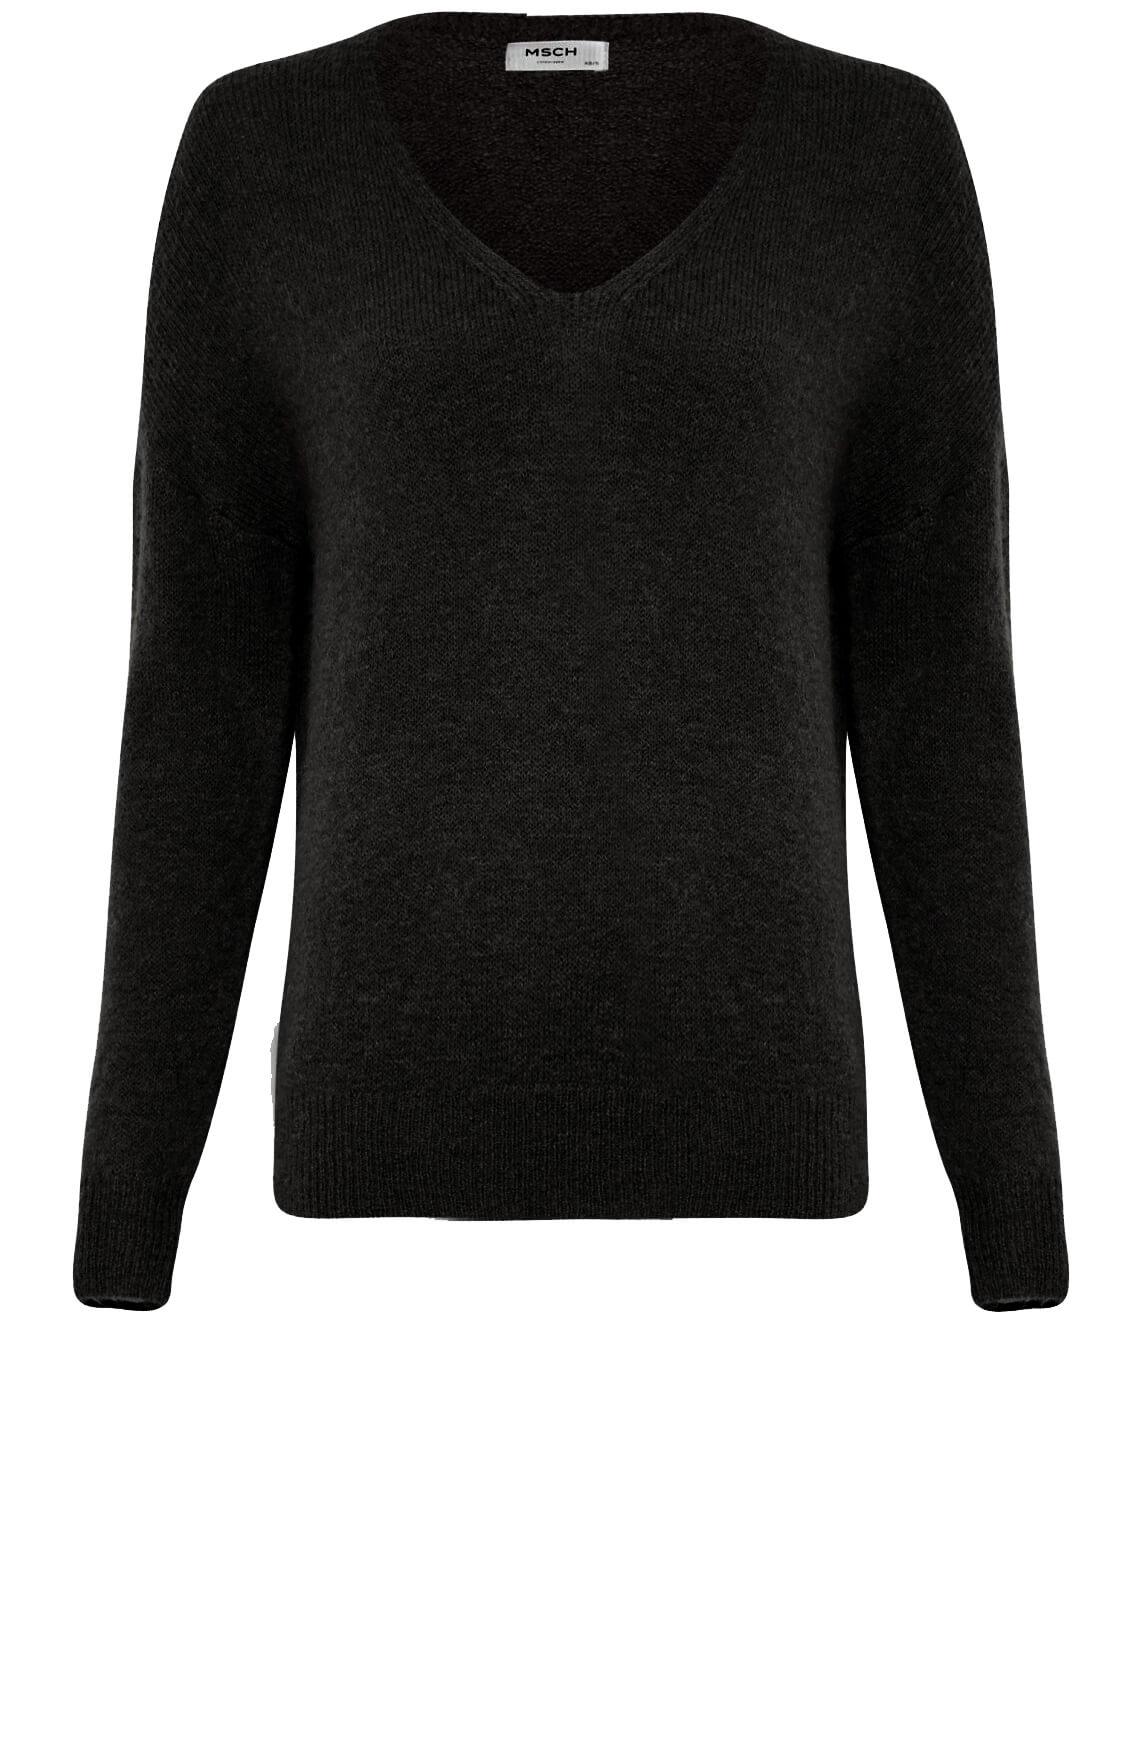 Moss Copenhagen Dames Femme pullover zwart